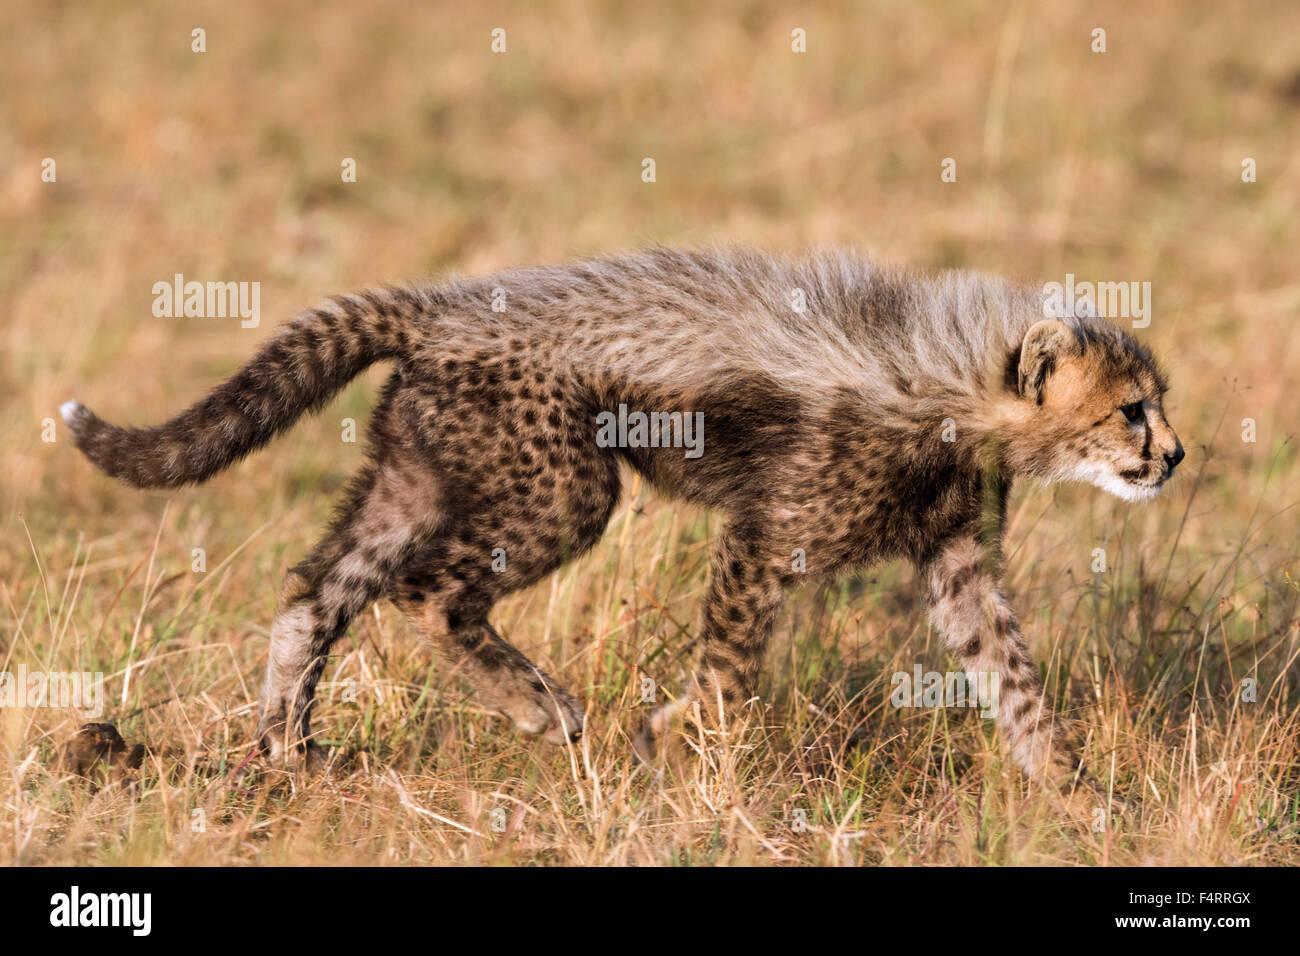 Cheetah (Acinonyx jubatus), six-week-old cheetah cub exploring its surroundings, Maasai Mara National Reserve, Narok - Stock Image